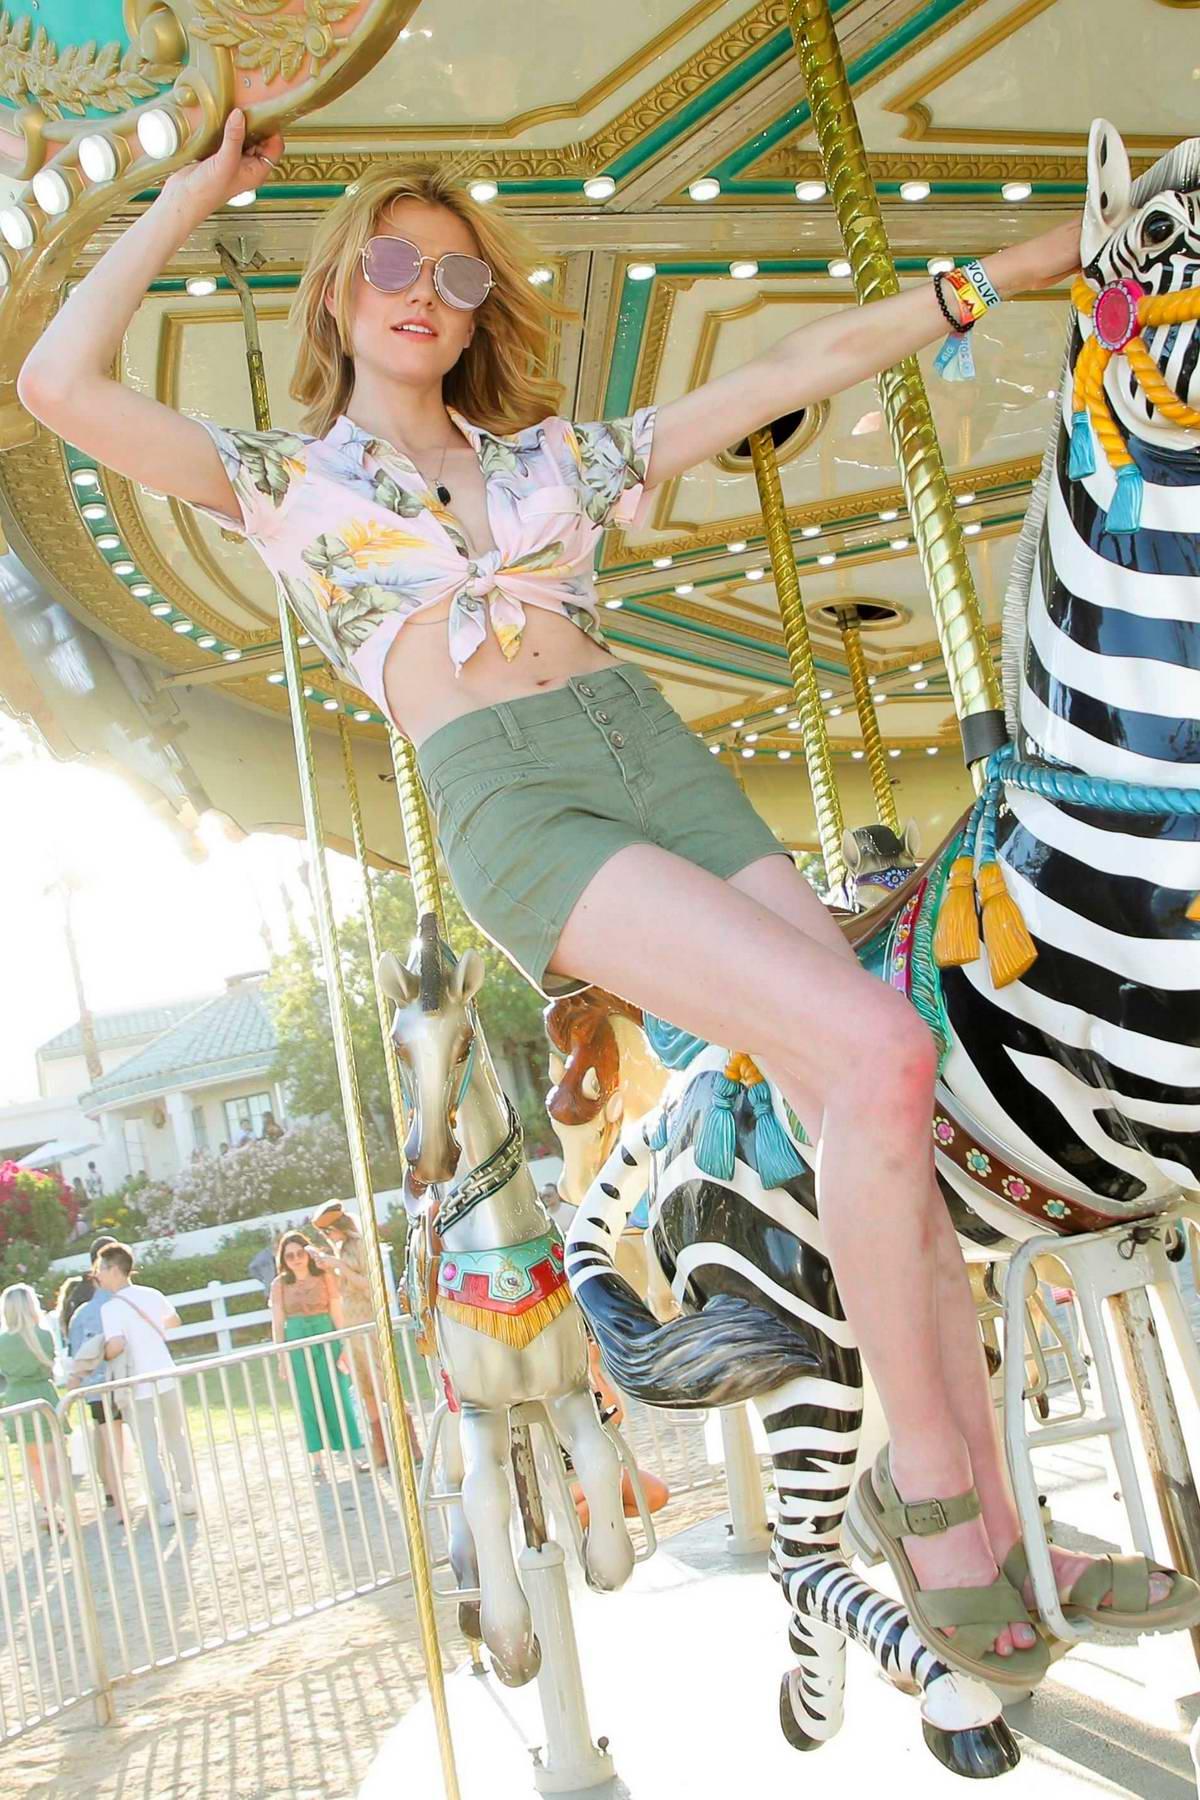 Katherine McNamara attends the Revolve Festival at Coachella in Indio, California